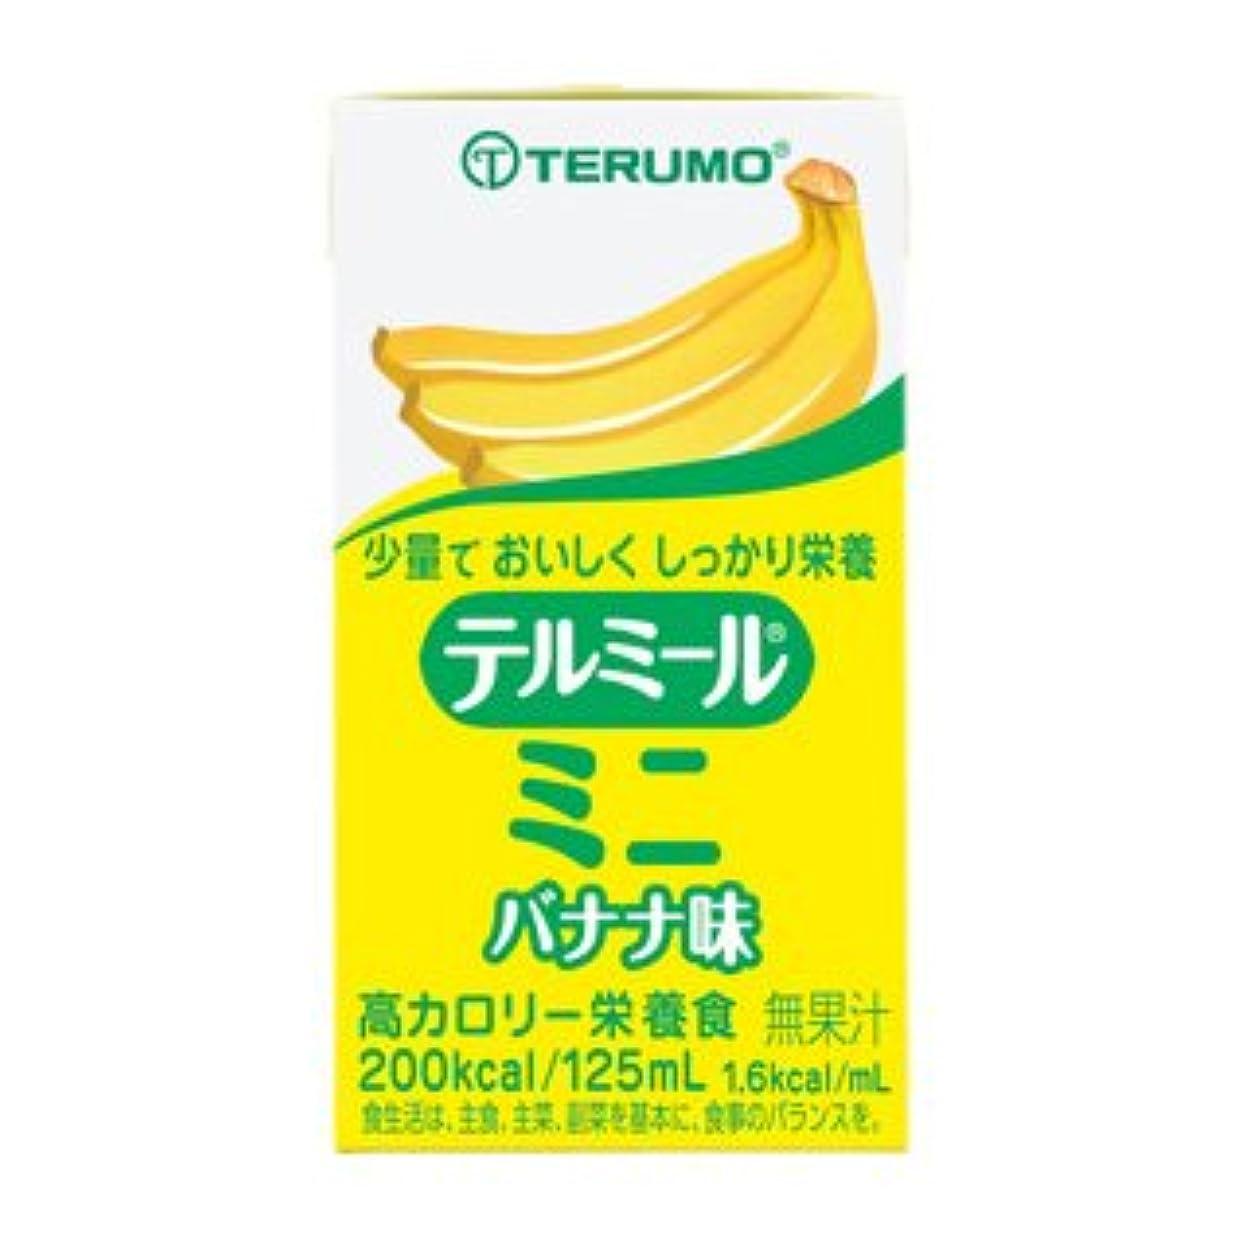 受け入れる反逆圧力テルミールミニ 125ml (TM-B1601224?バナナ味) 24個入